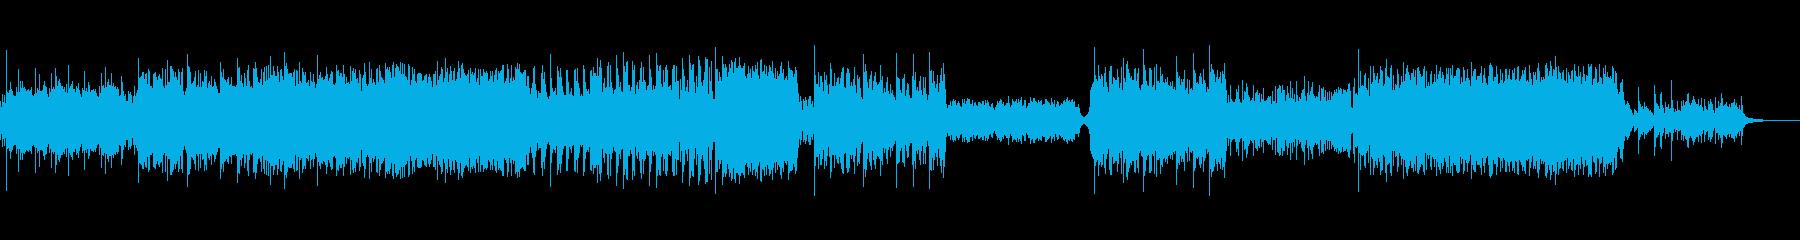 生演奏バイオリンで奏でる切な曲の再生済みの波形